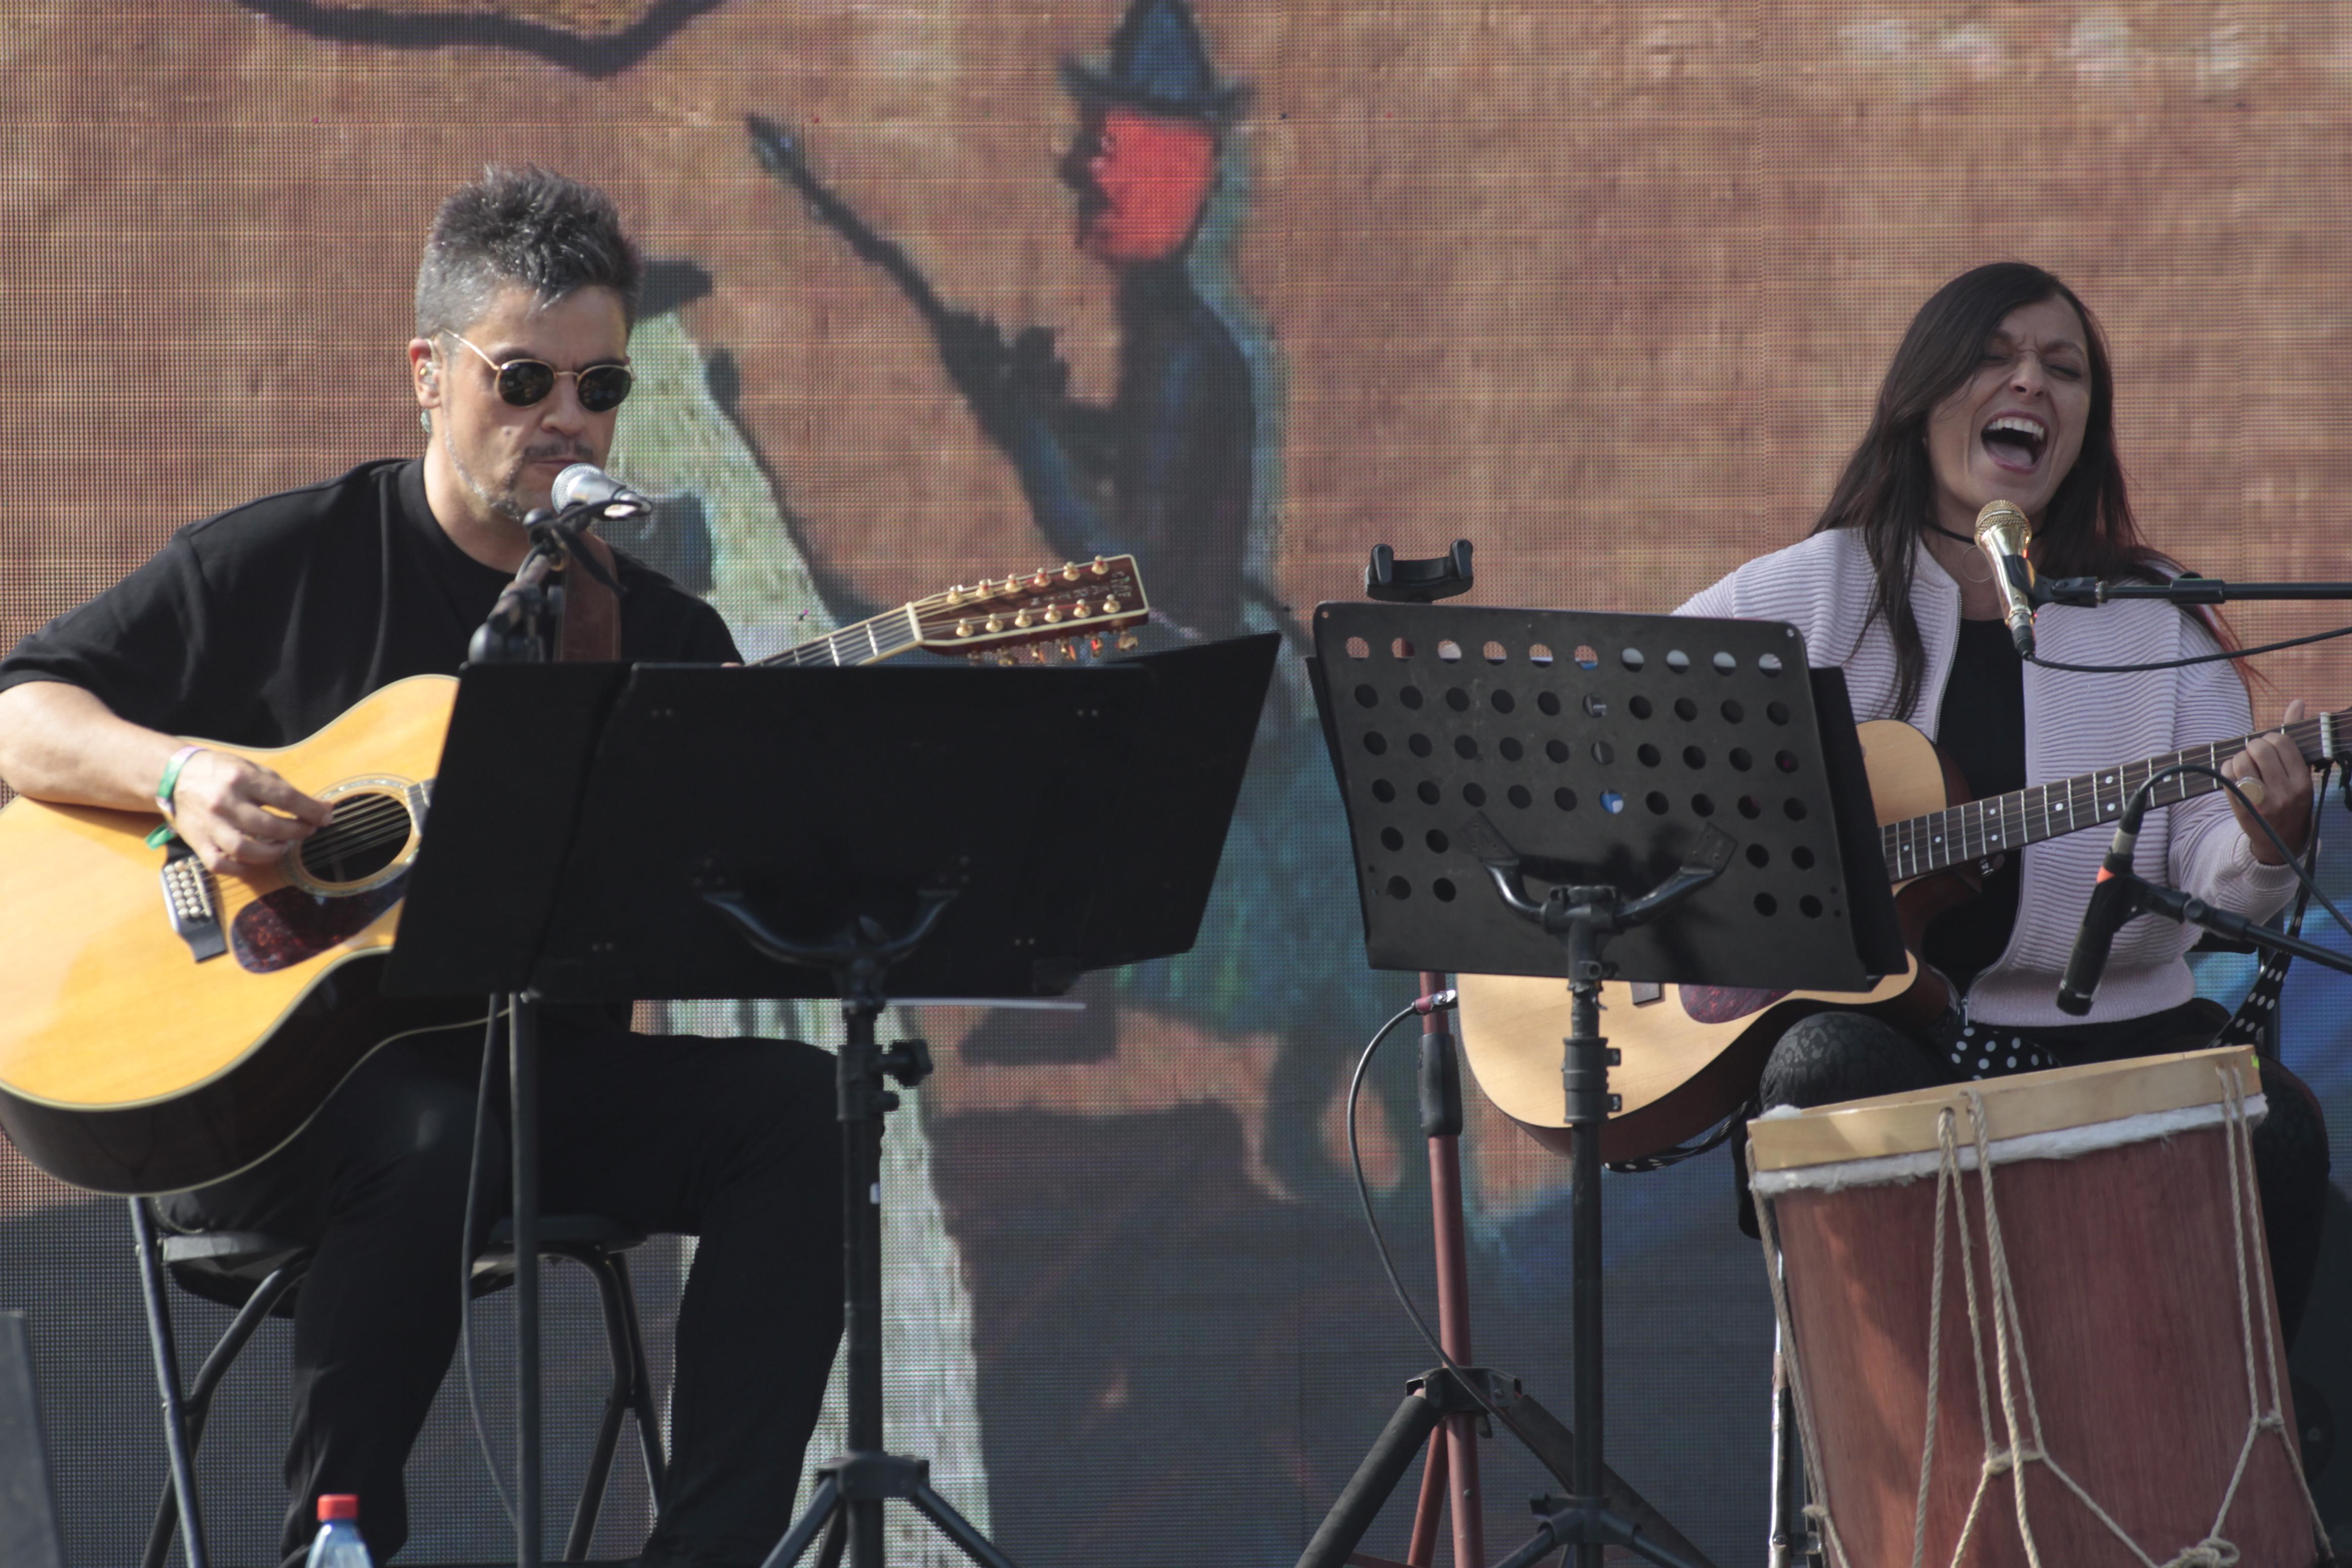 Javiera y Angel Parra Lollapalooza Chile 2017 Parque O'Higgins / Santiago / Chile Foto por Marcelo Hernandez